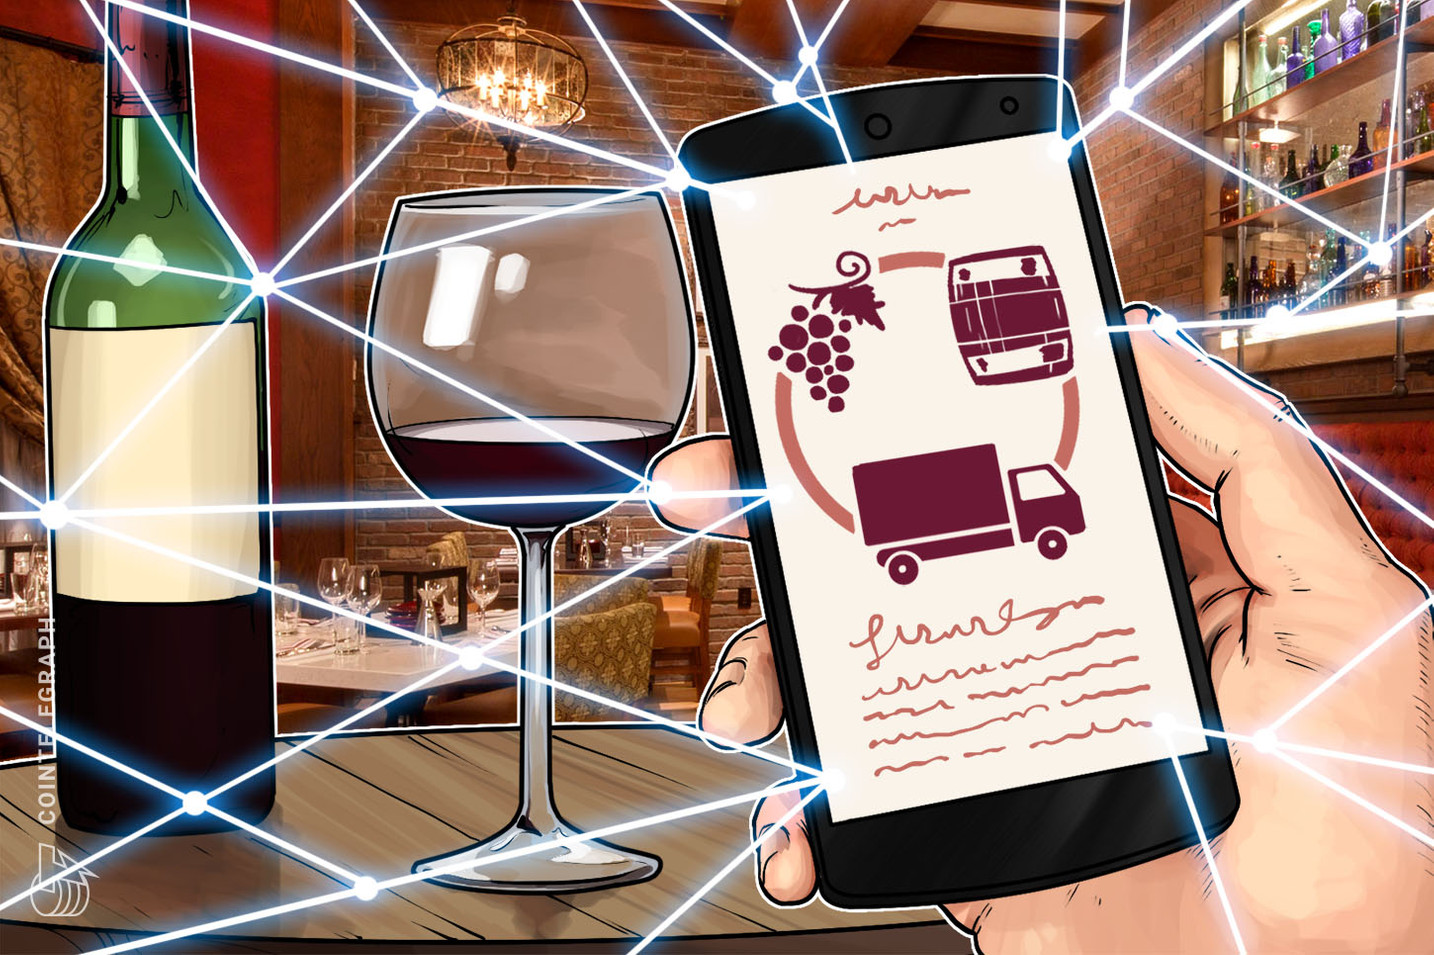 La auditora Ernst & Young proporciona una solución blockchain para una nueva plataforma de trazabilidad del vino